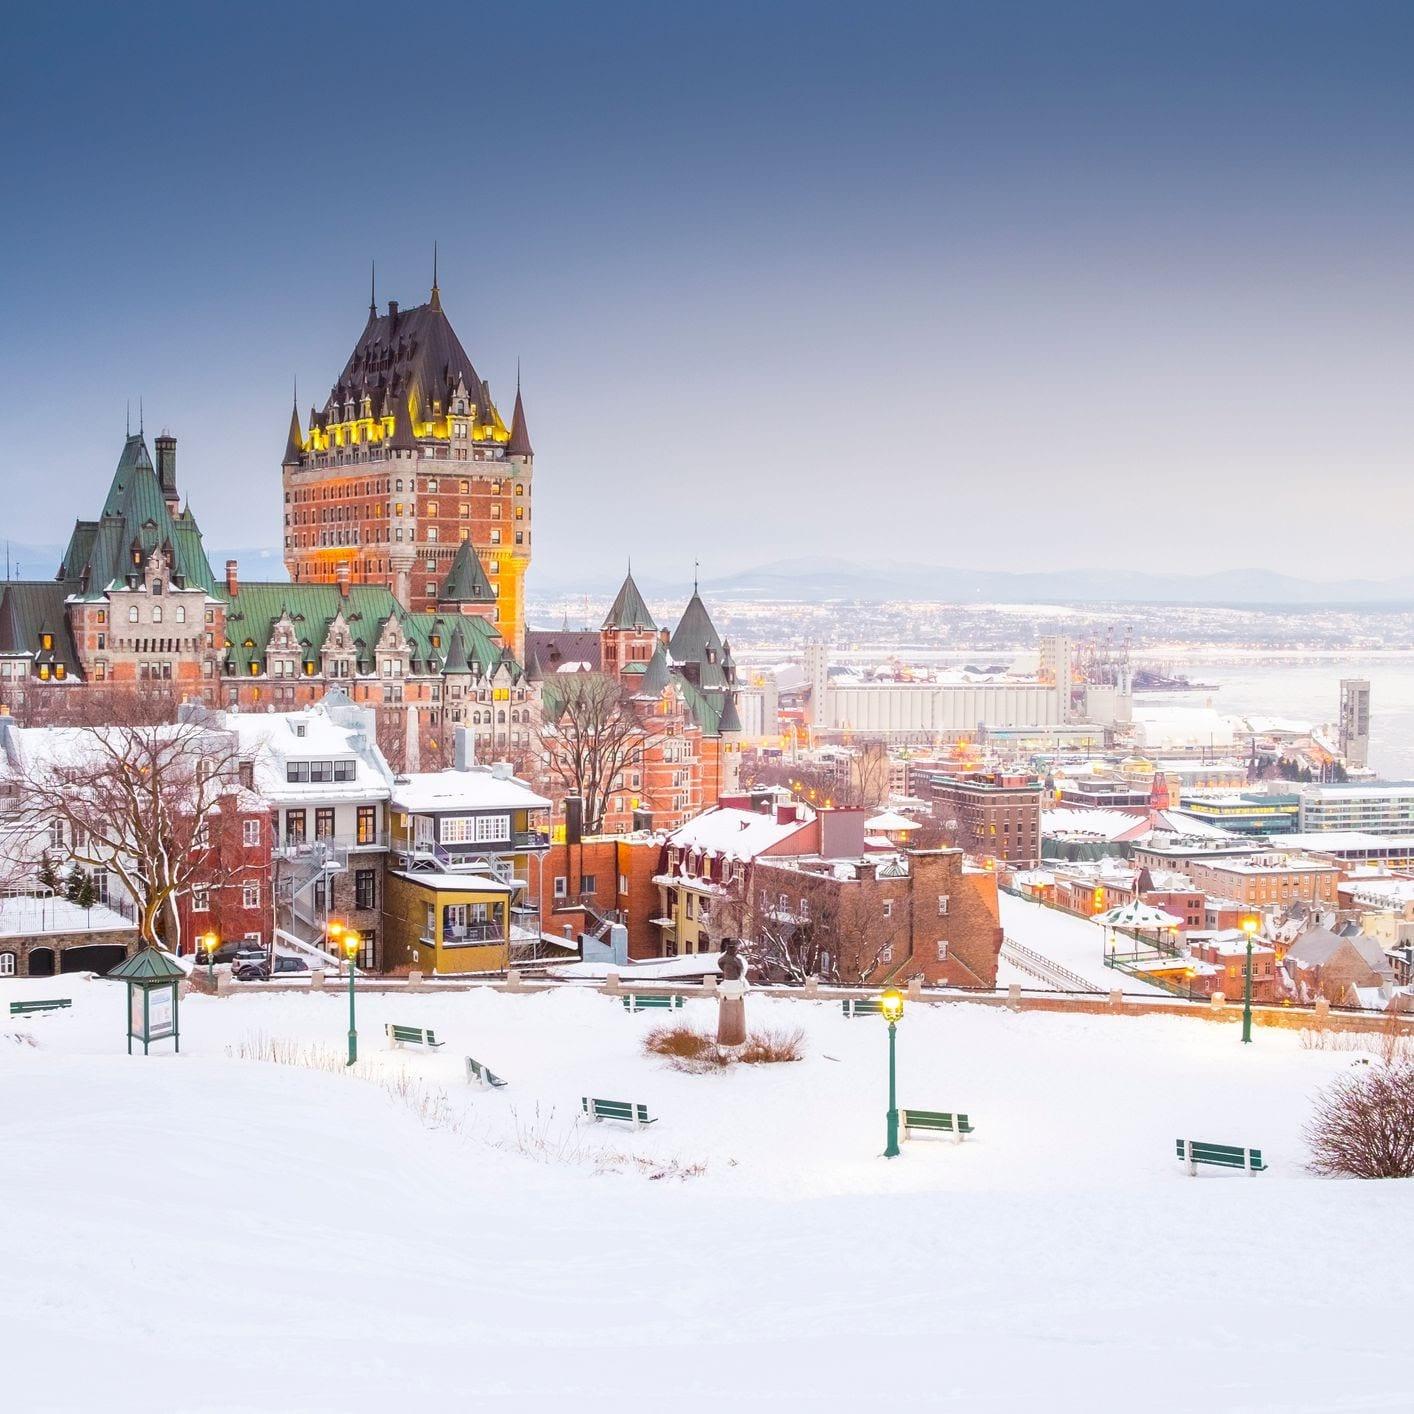 mùa đông canada, mùa đông ở canada, mùa đông canada bắt đầu từ tháng mấy, mùa đông ở canada vào tháng mấy, nhiệt độ mùa đông ở canada, mùa đông ở canada kéo dài bao lâu, giờ mùa đông ở canada, mùa đông tại canada, mùa đông canada tháng mấy